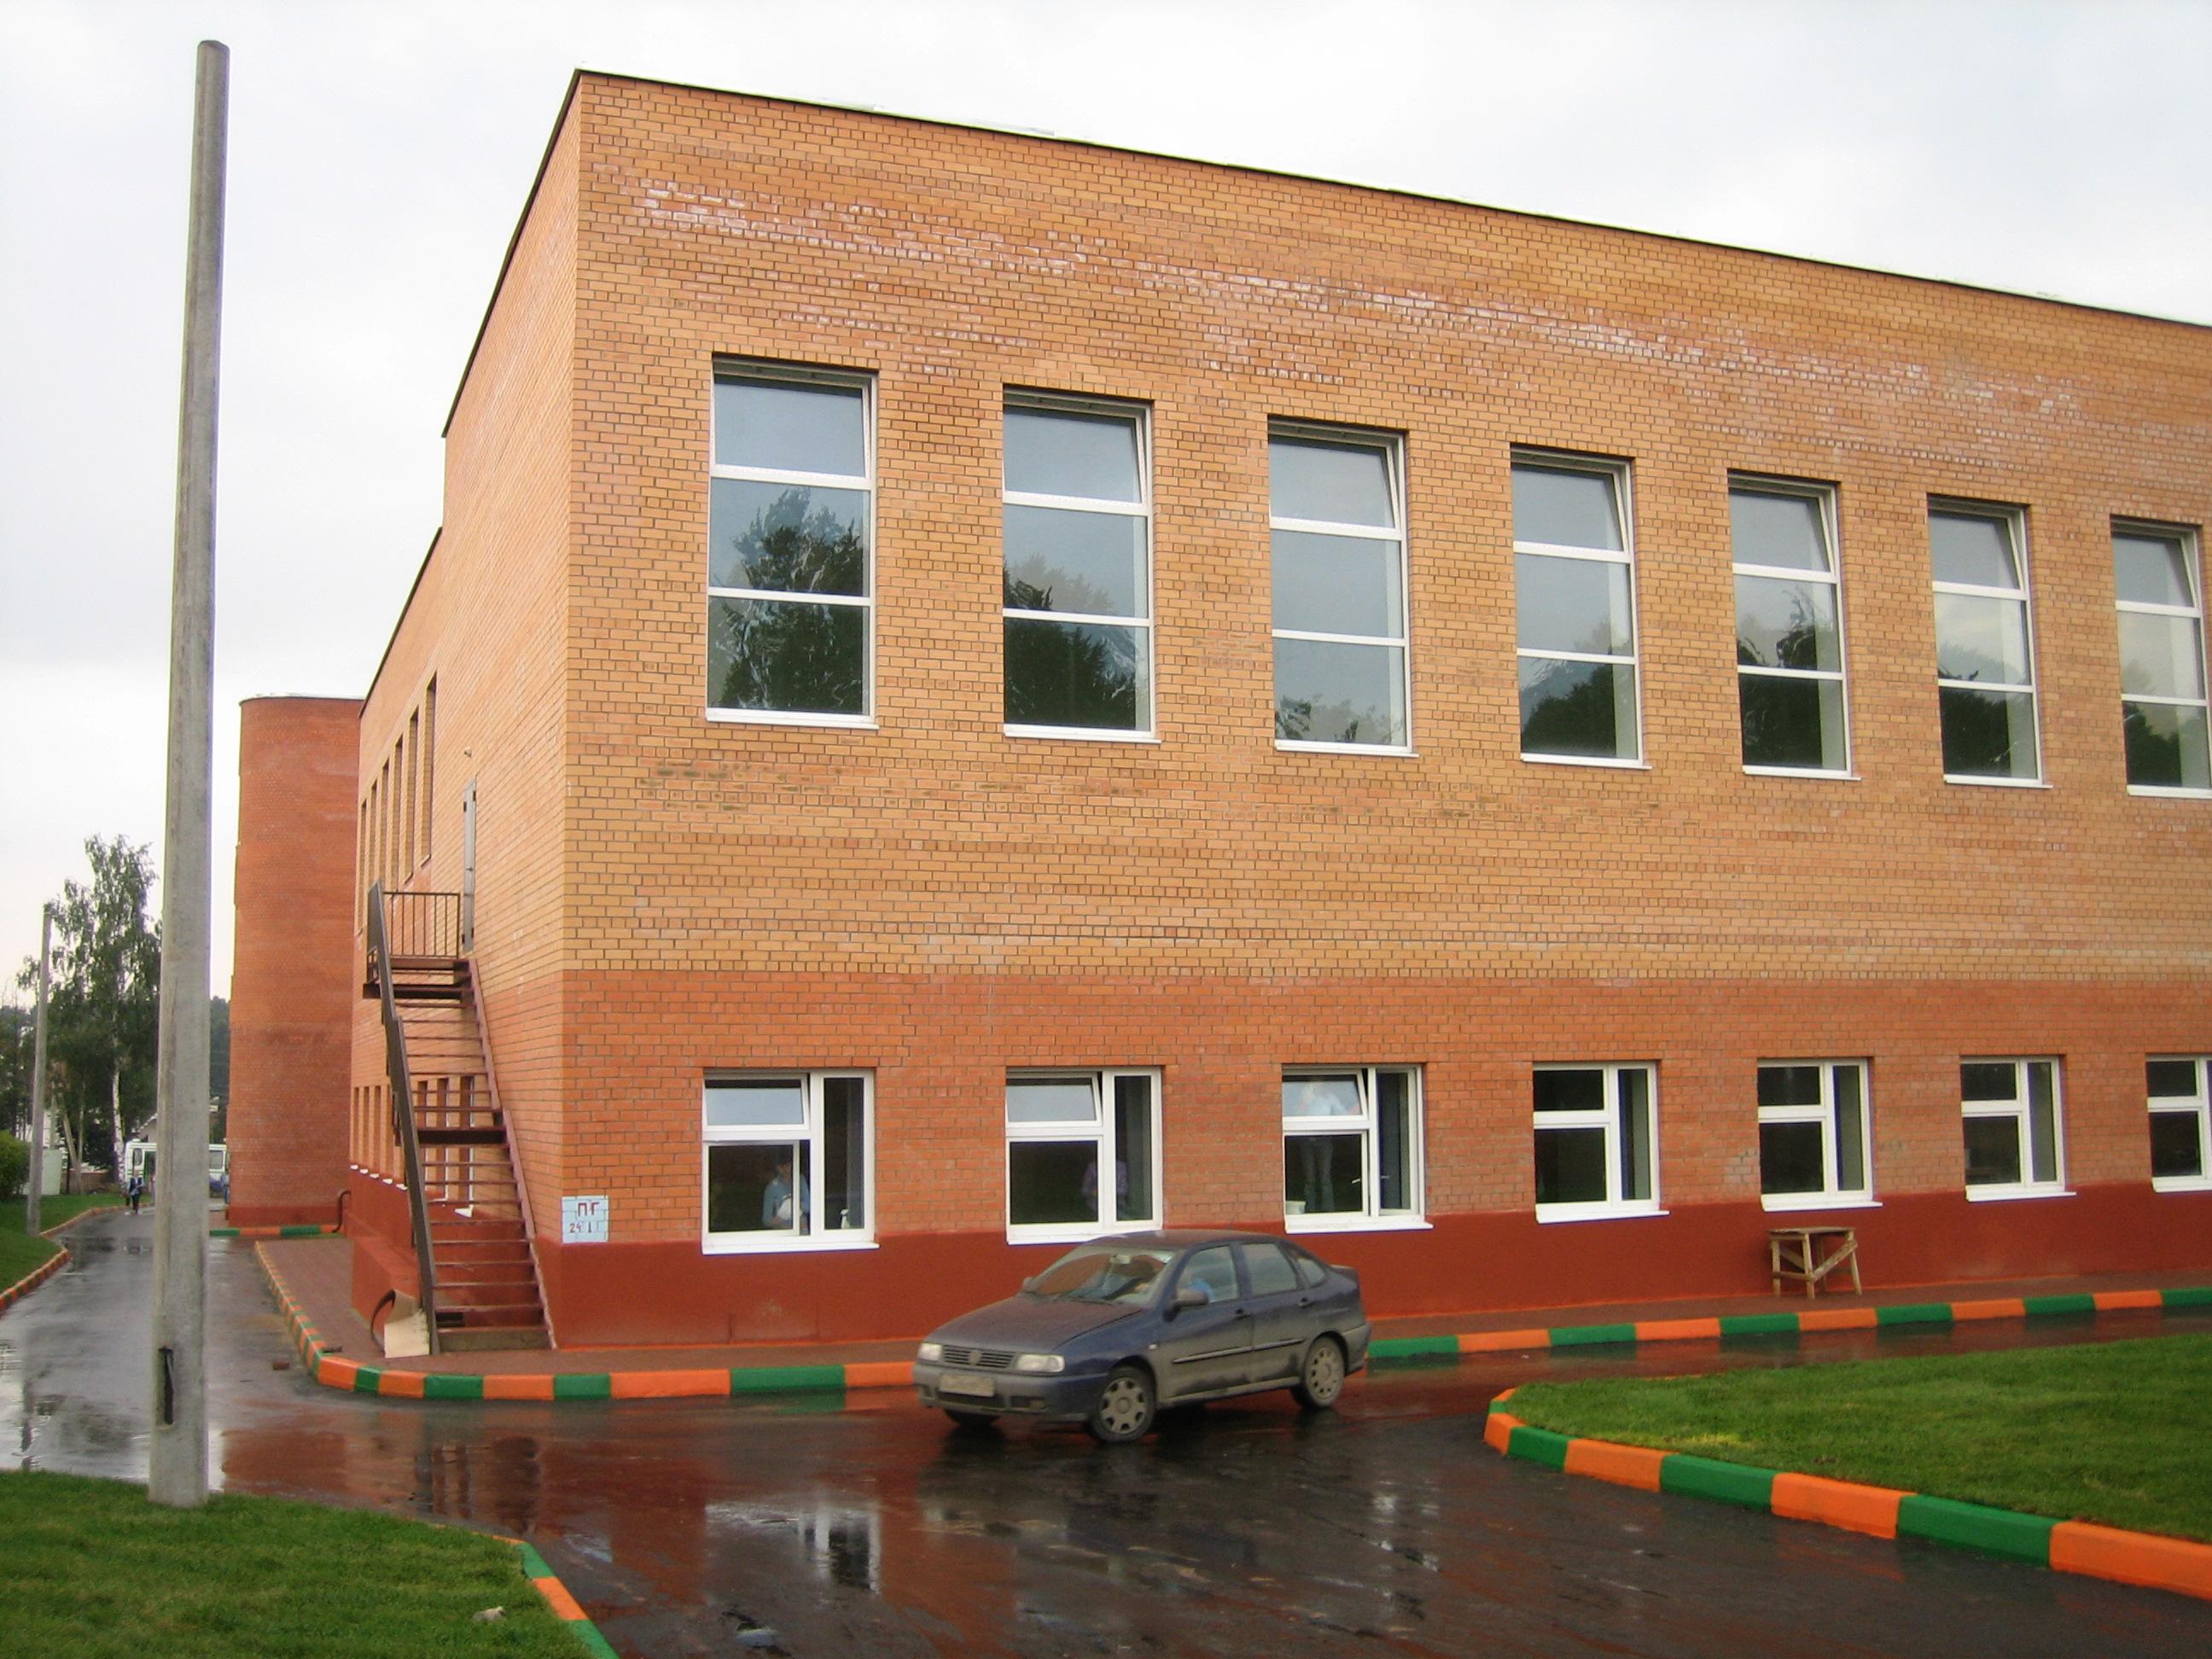 На основании распоряжения главы ленинского района зао мост-11 возобновил в октябре 2004 года реконструкцию объекта